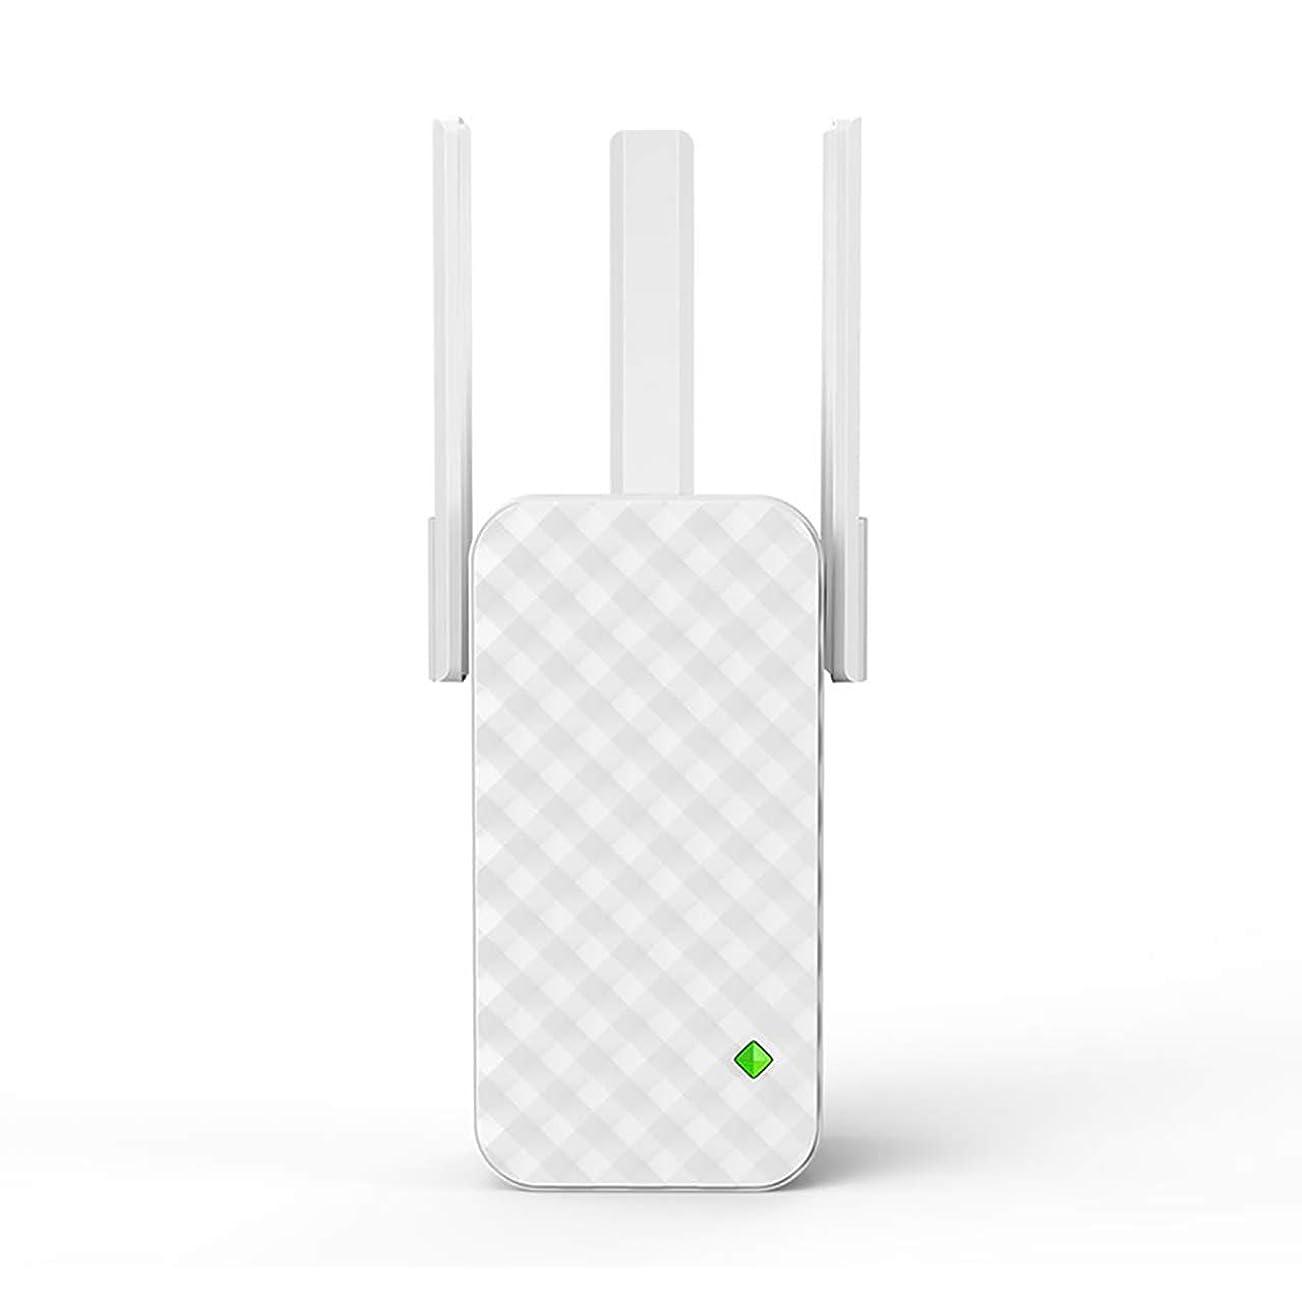 気味の悪い保全出身地Wifiリピーター-ワイヤレスレンジエクステンダーアンプ-ミニ信号ブースター300Mbps